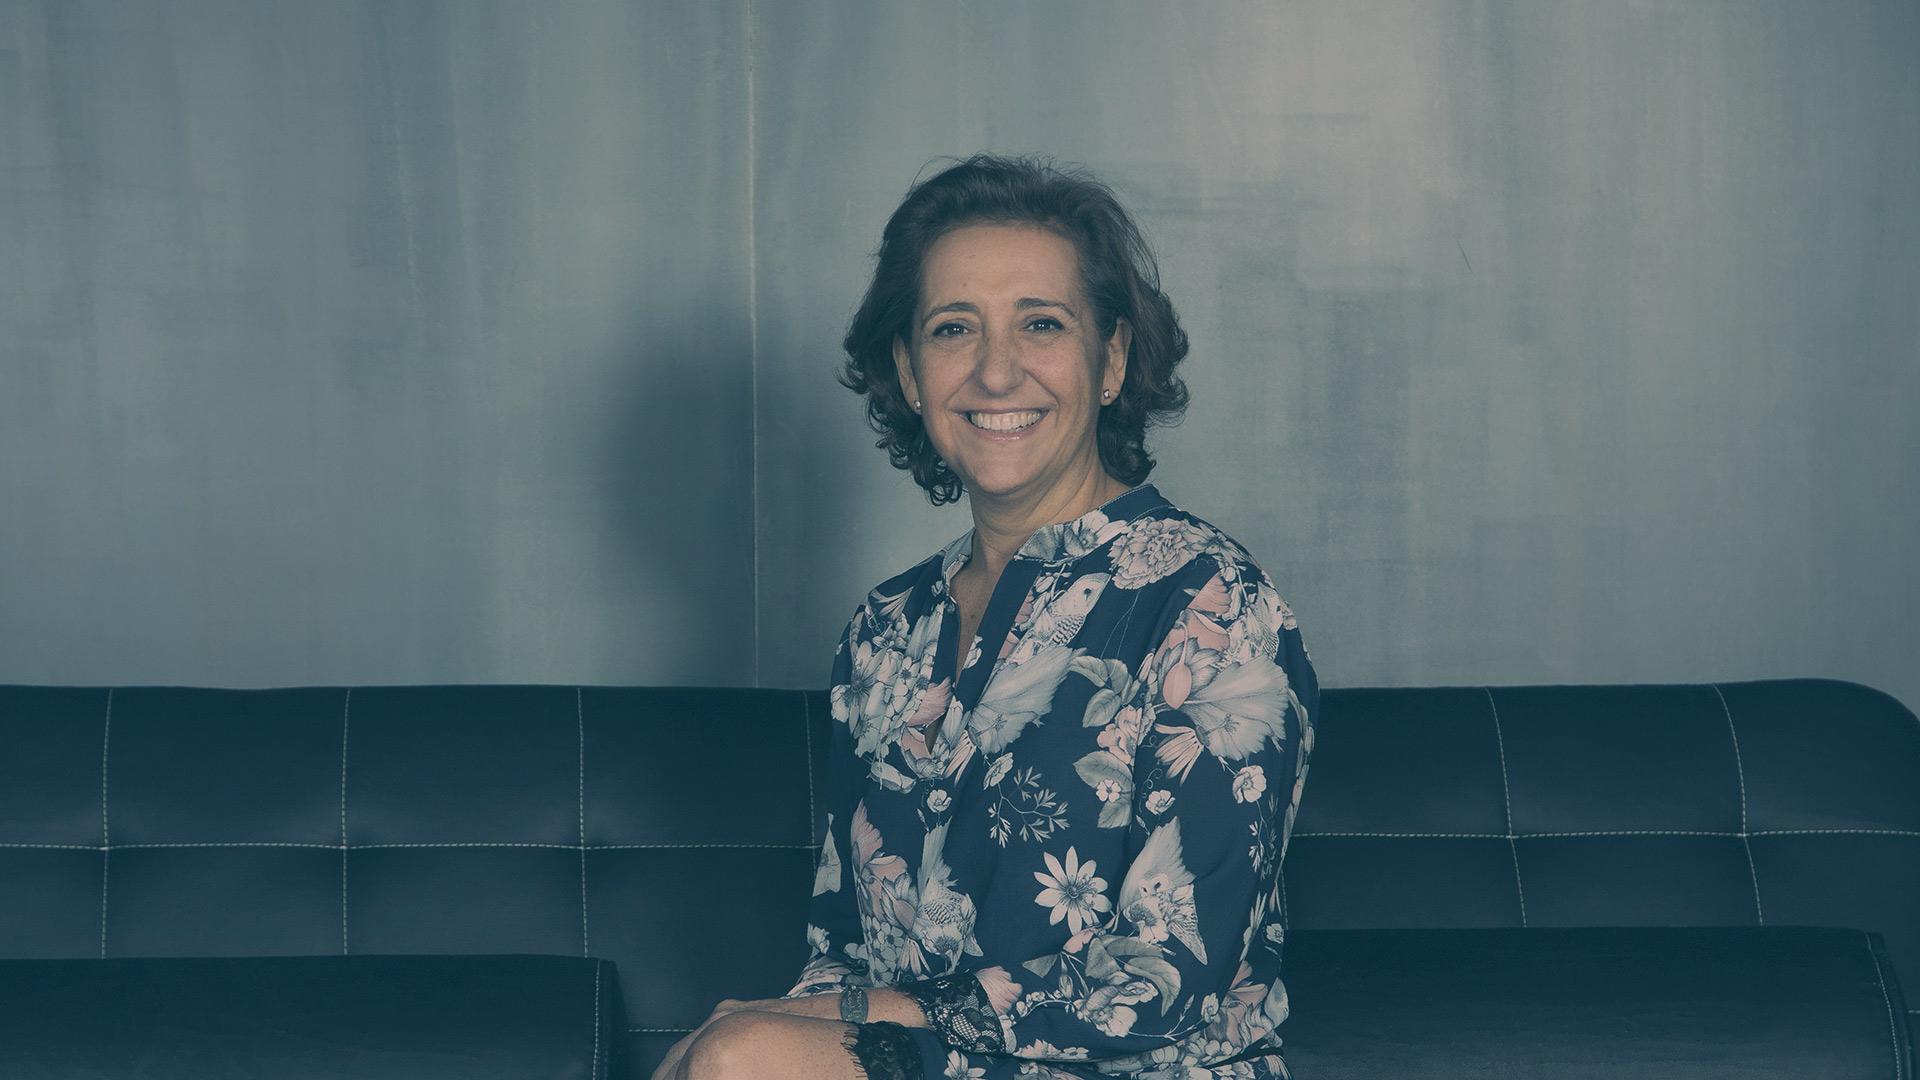 Ana Buxó